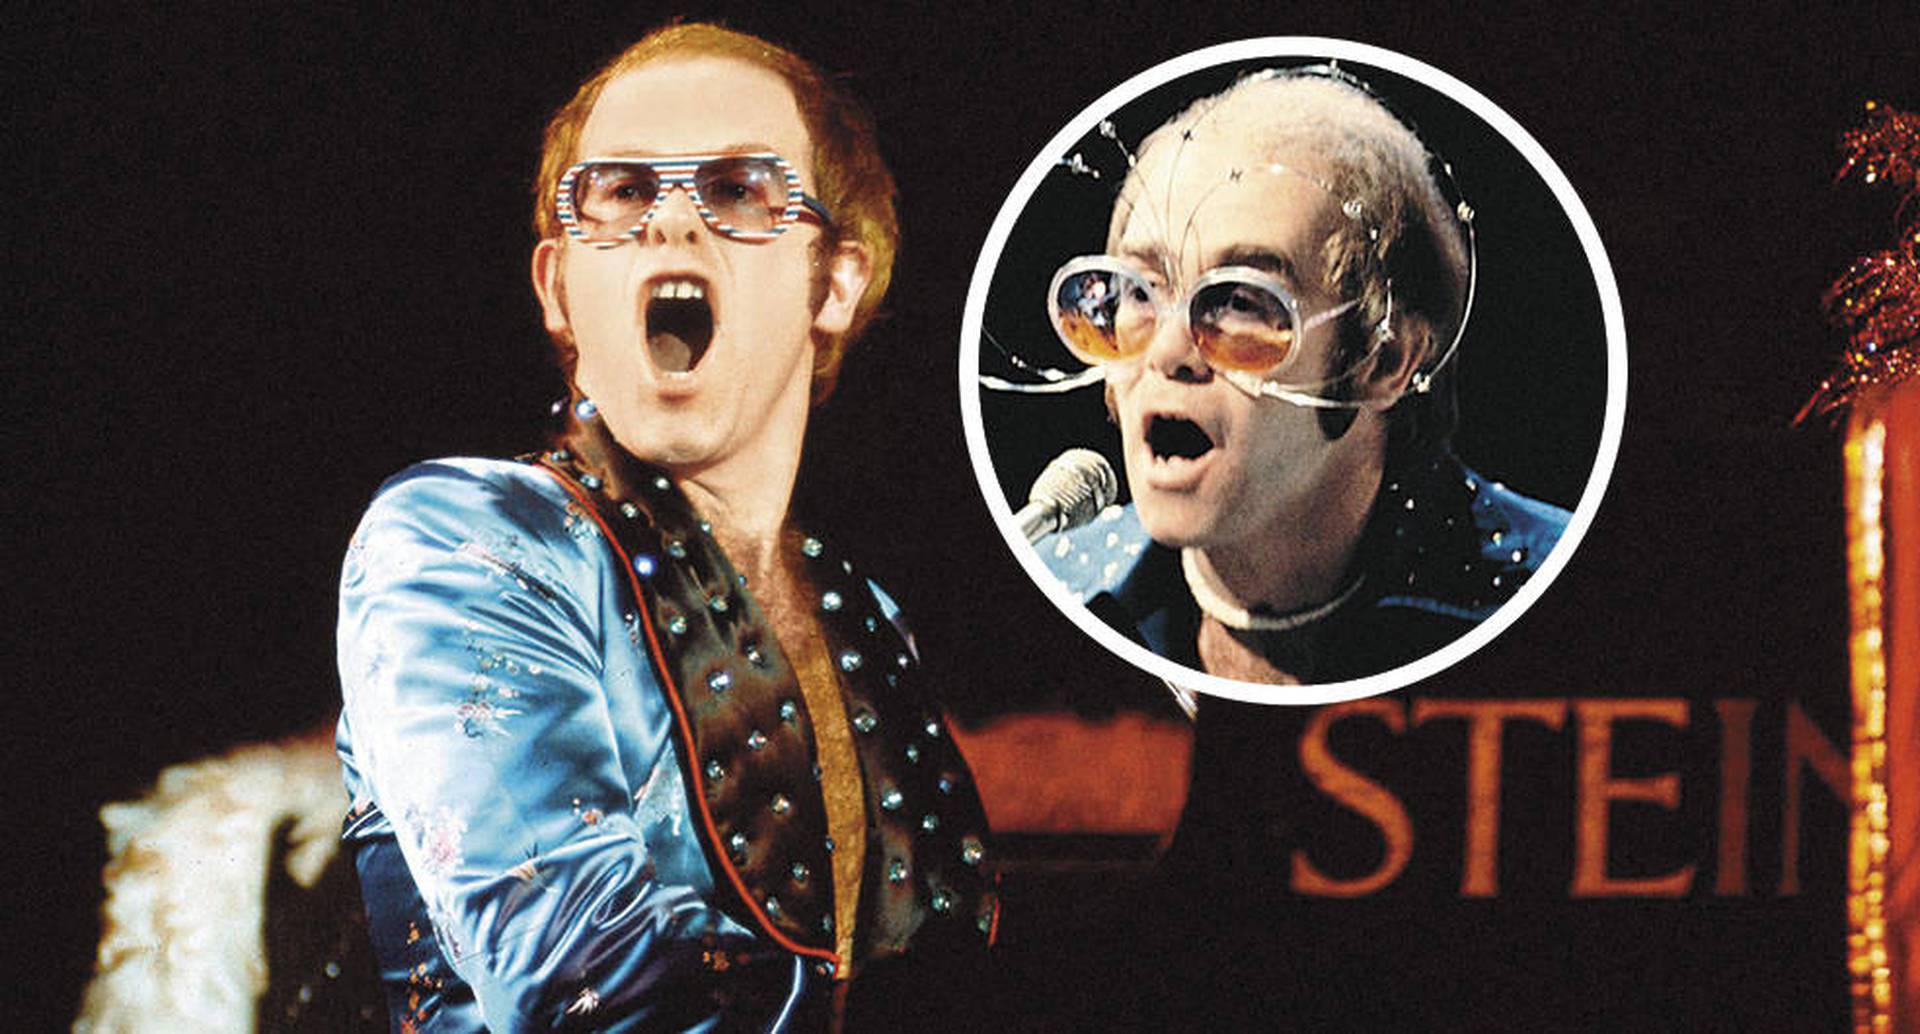 El propio Elton John, de 72 años, ha dicho que escogió a Taron Egerton para interpretarlo, ante las críticas porque no es gay.